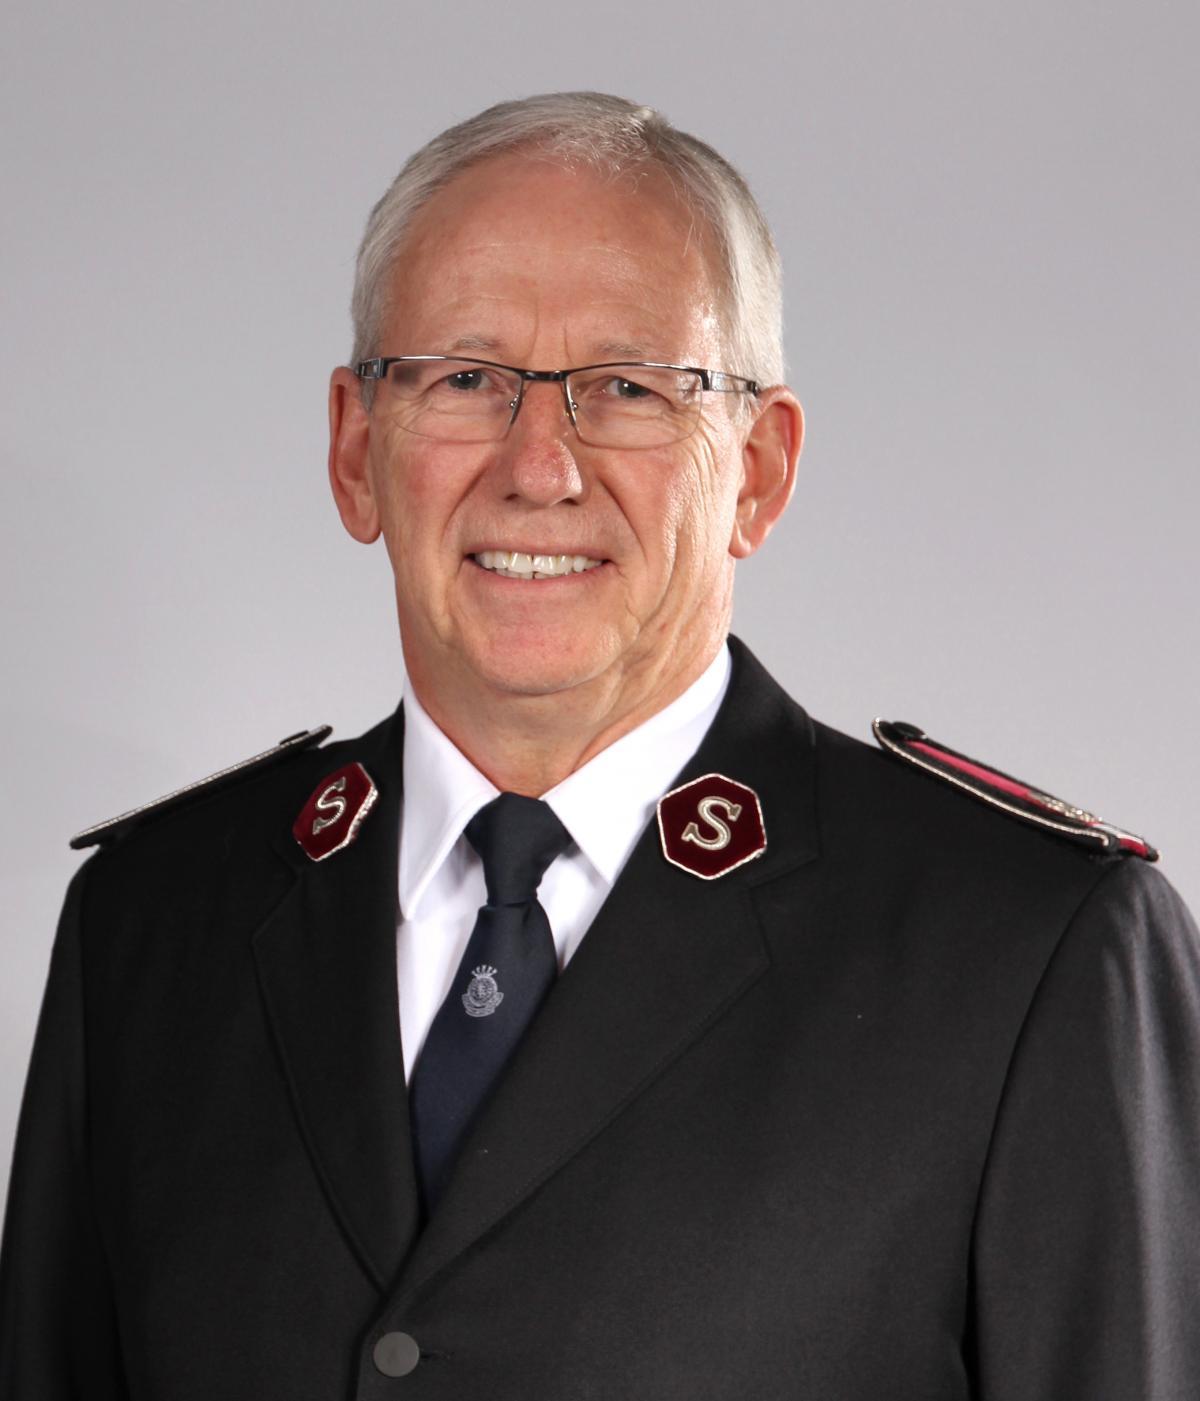 Kommissär Brian Peddle, Stabchef, Internationales Hauptquartier / Commissaire Brian Peddle, Chef d'État-major, Quartier Général international